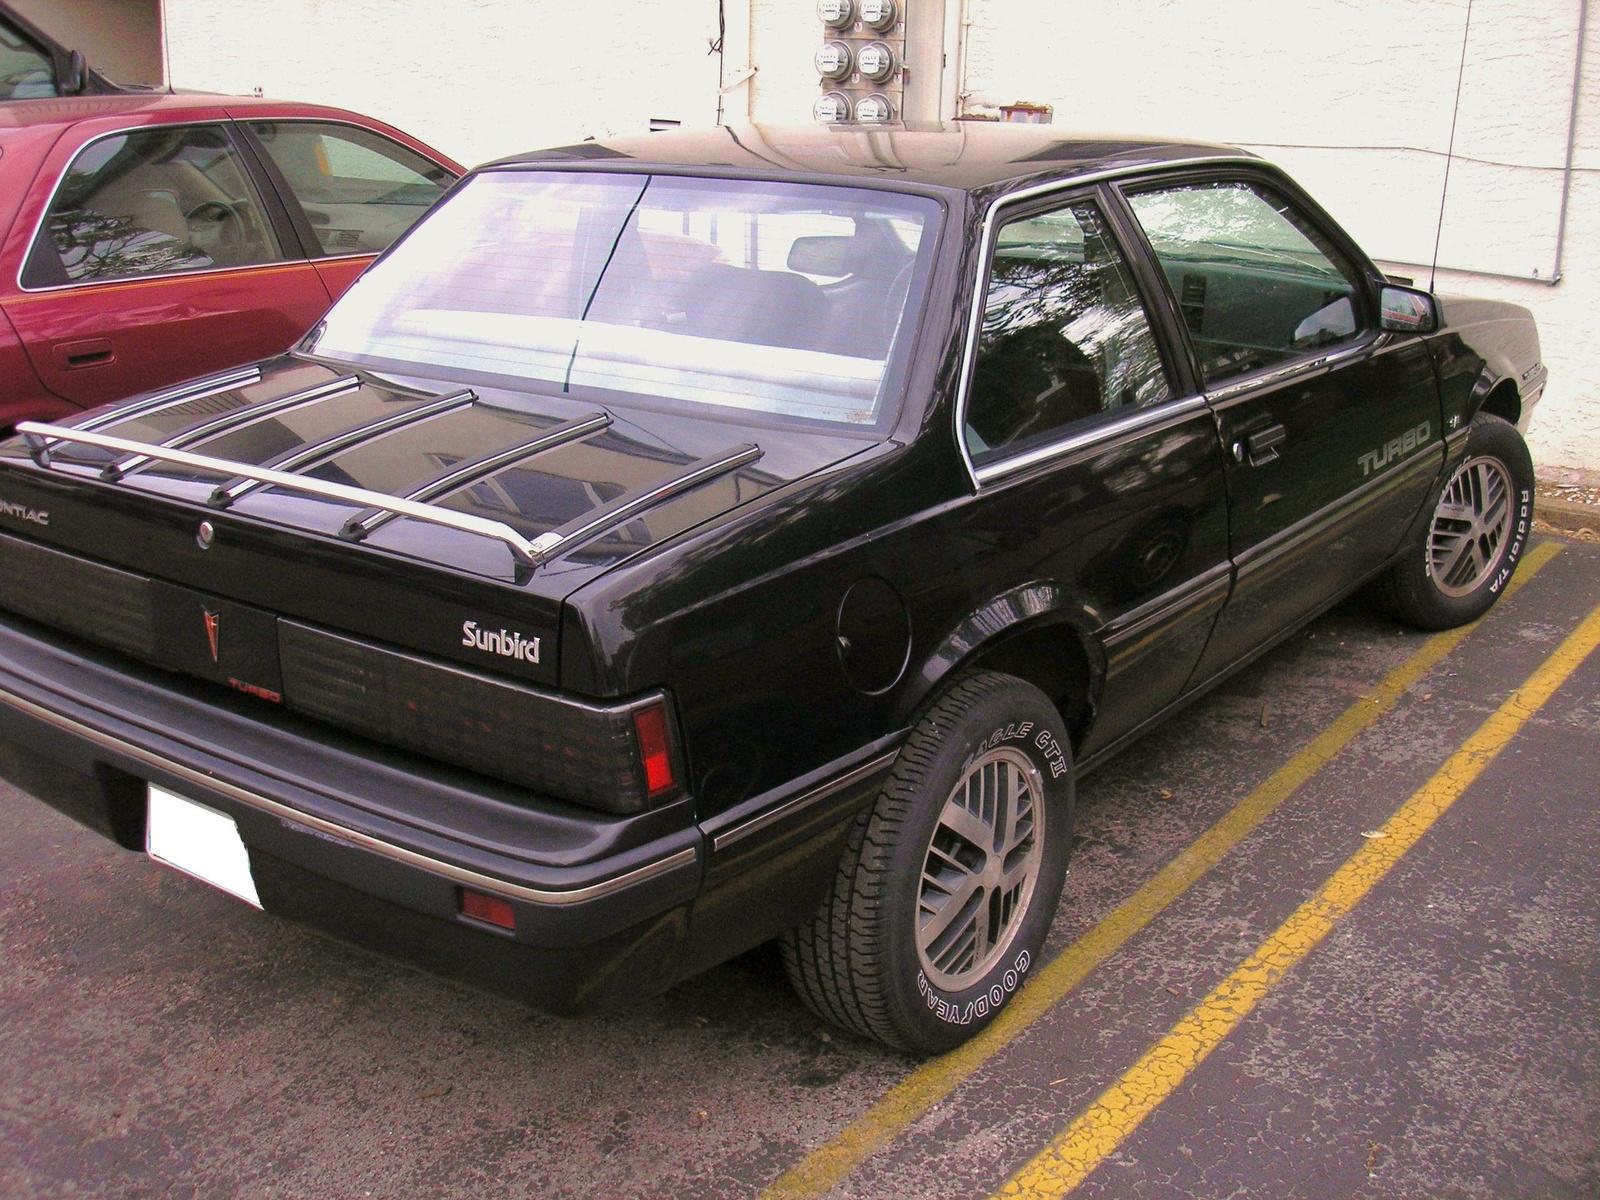 1985 Pontiac Sunbird Pictures Cargurus